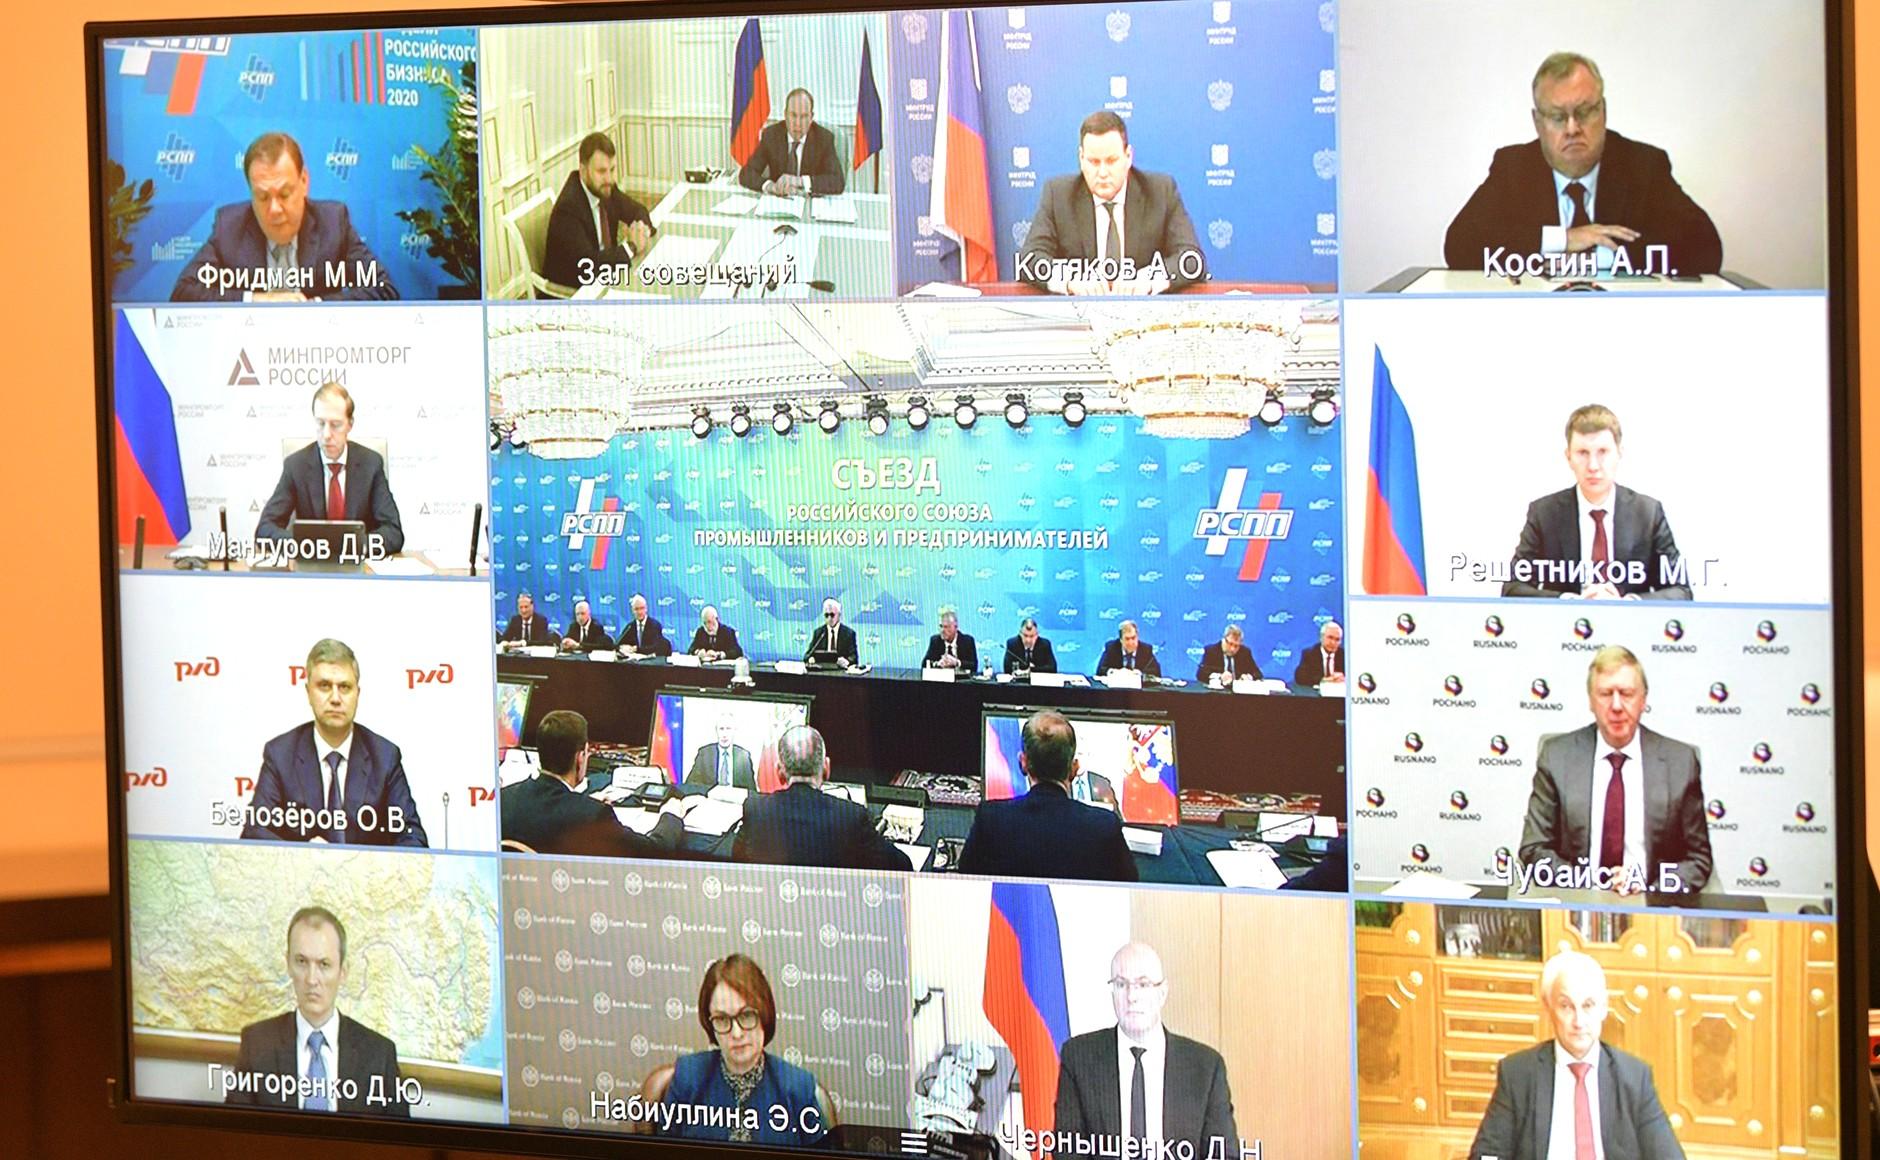 KREMLIN PH 2 XX 3 DU 21.10.2020. Rencontre avec des membres du conseil d'administration de l'Union russe des industriels et entrepreneurs (par vidéoconférence).